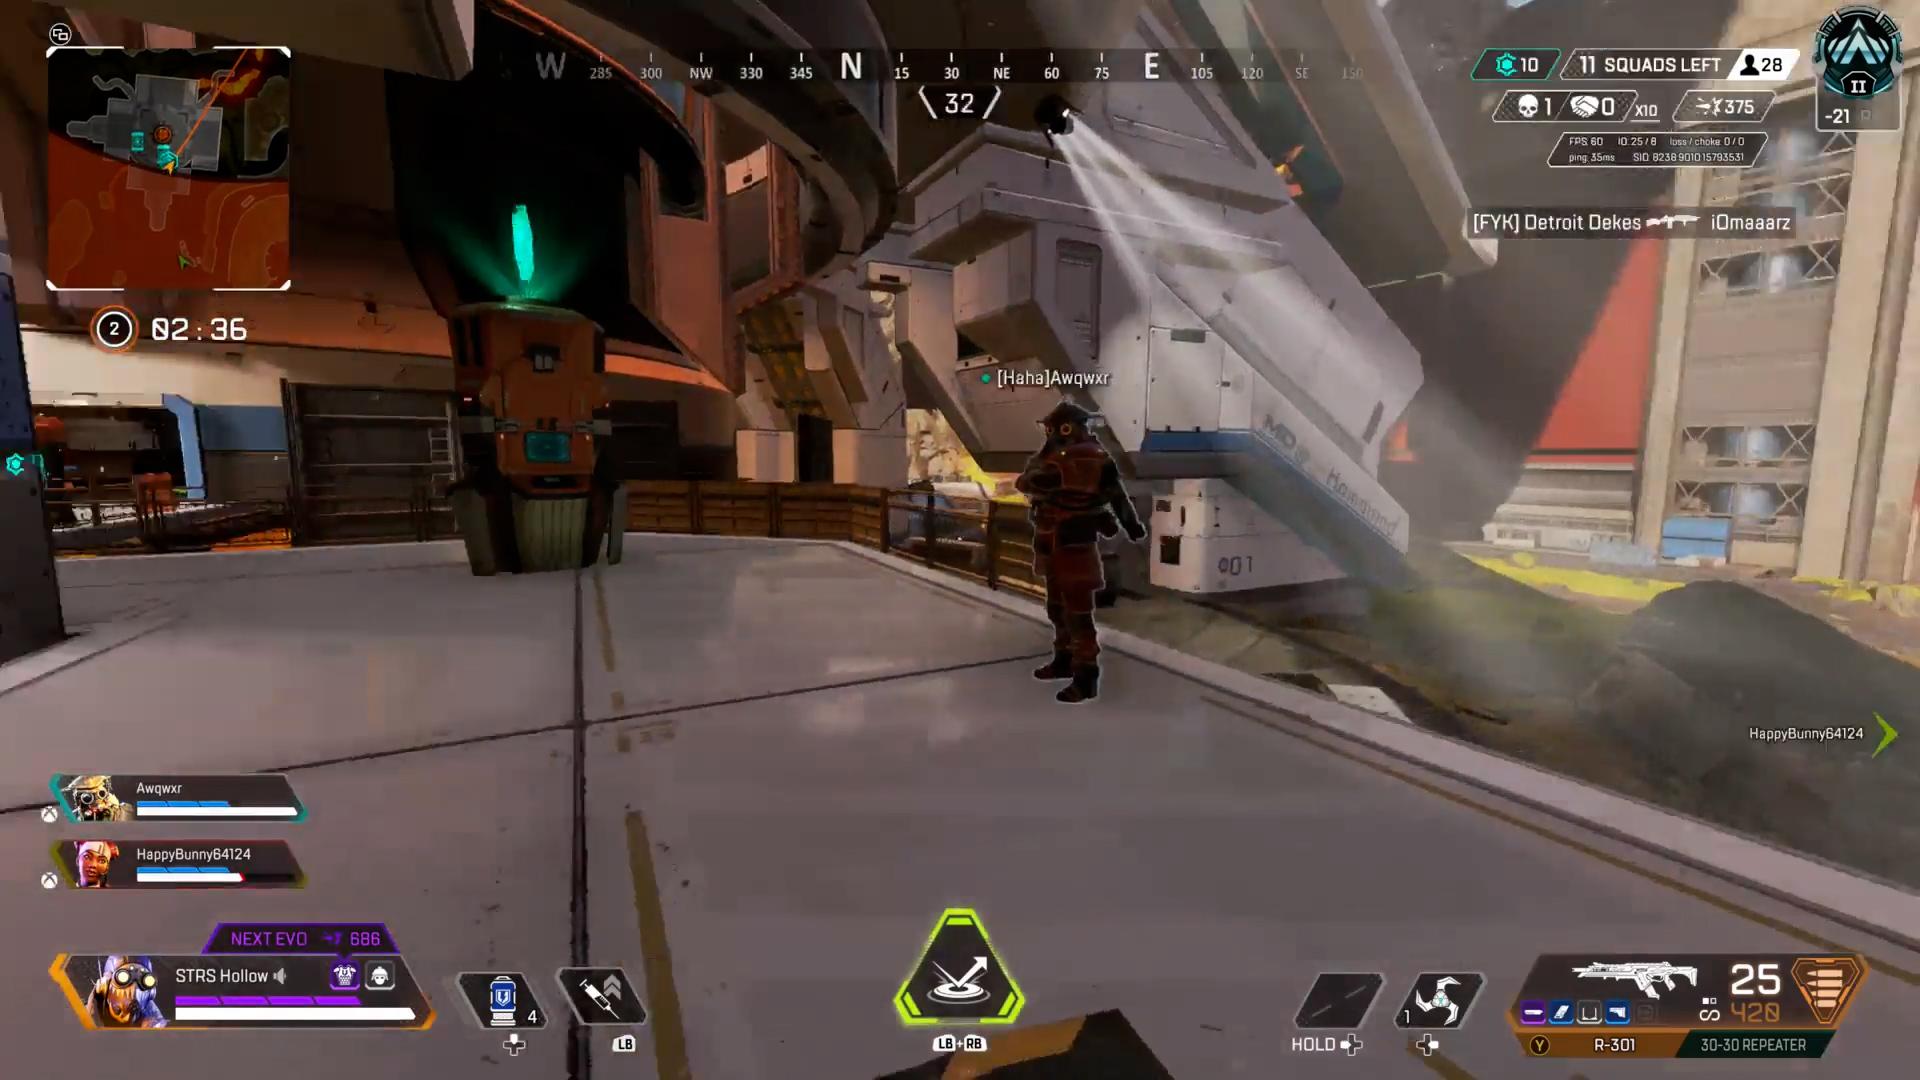 APEXプレイヤー「味方のブラッドハウンドに壁ジャンプを教えてみた」→お互いのリアクションが可愛いww